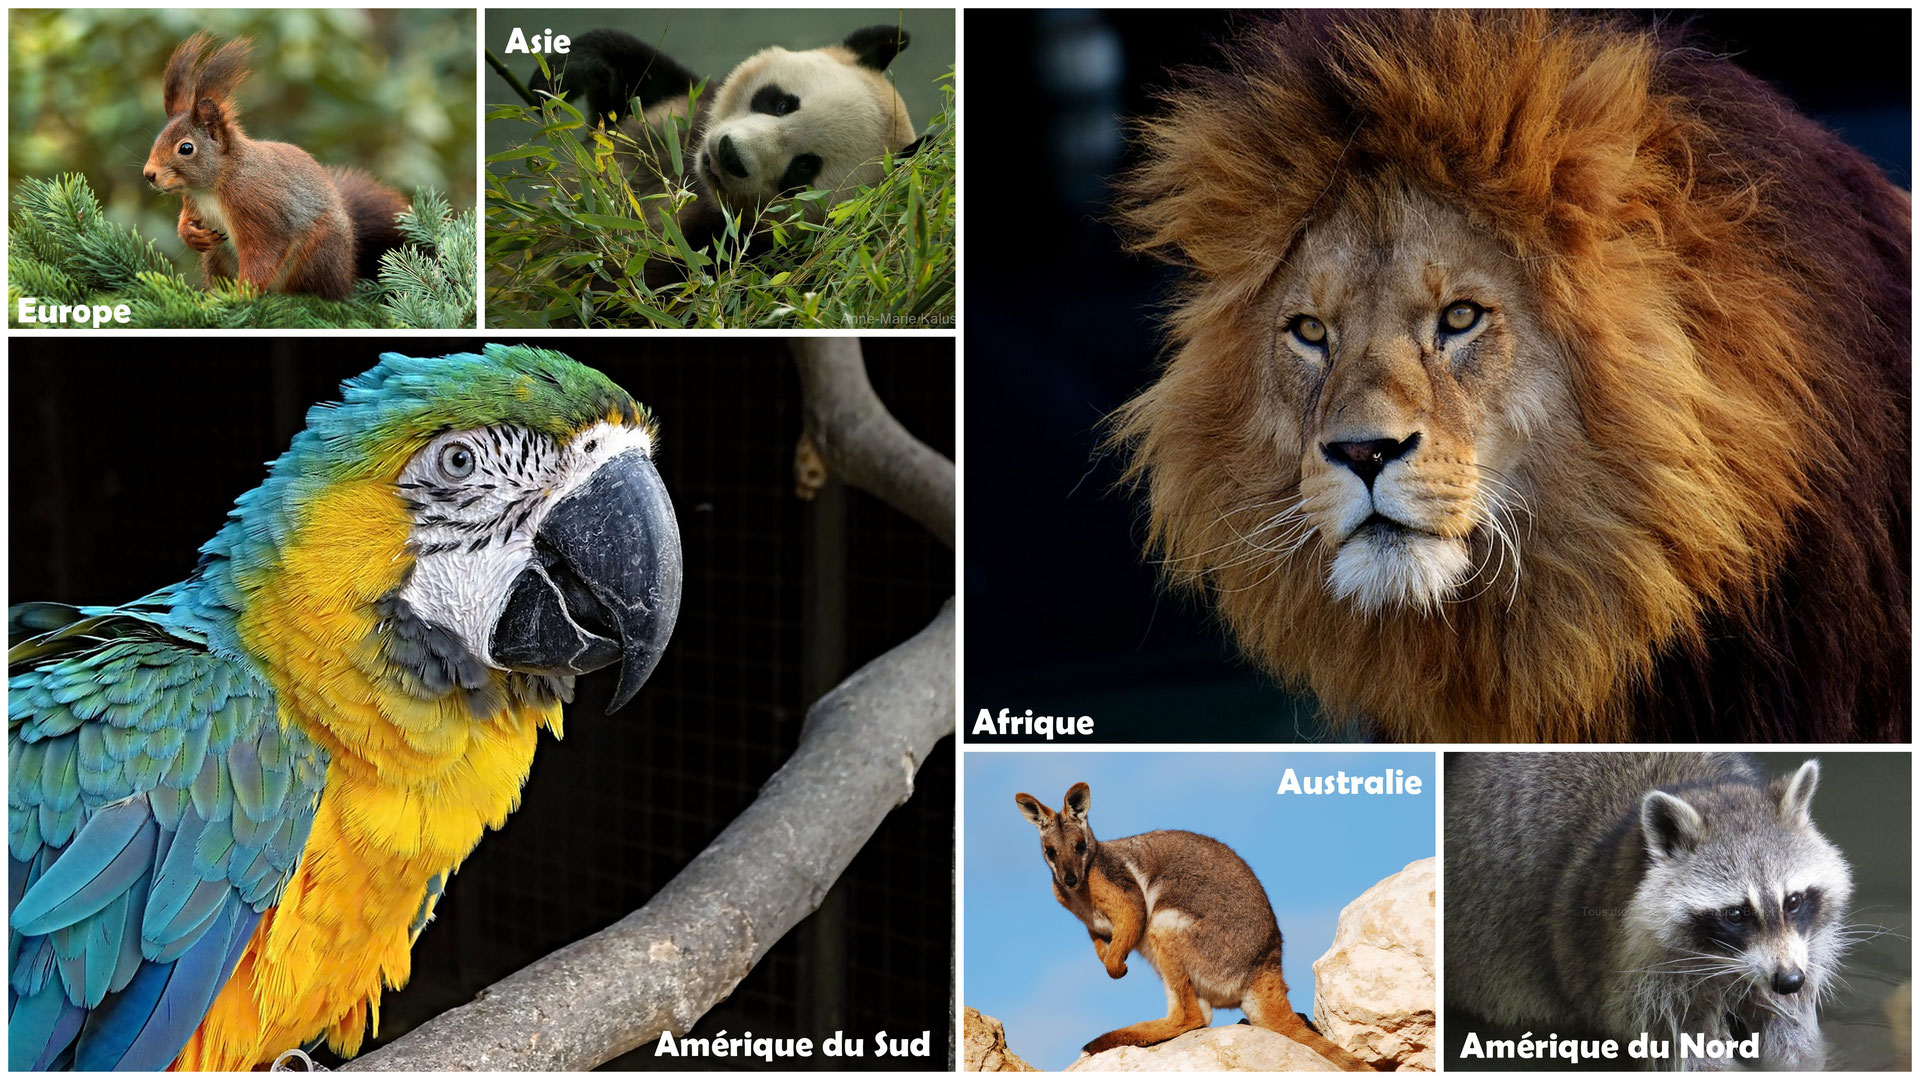 Carte Afrique Jaune Grise Verte.Liste Des Animaux Par Continent Dictionnaire Des Animaux